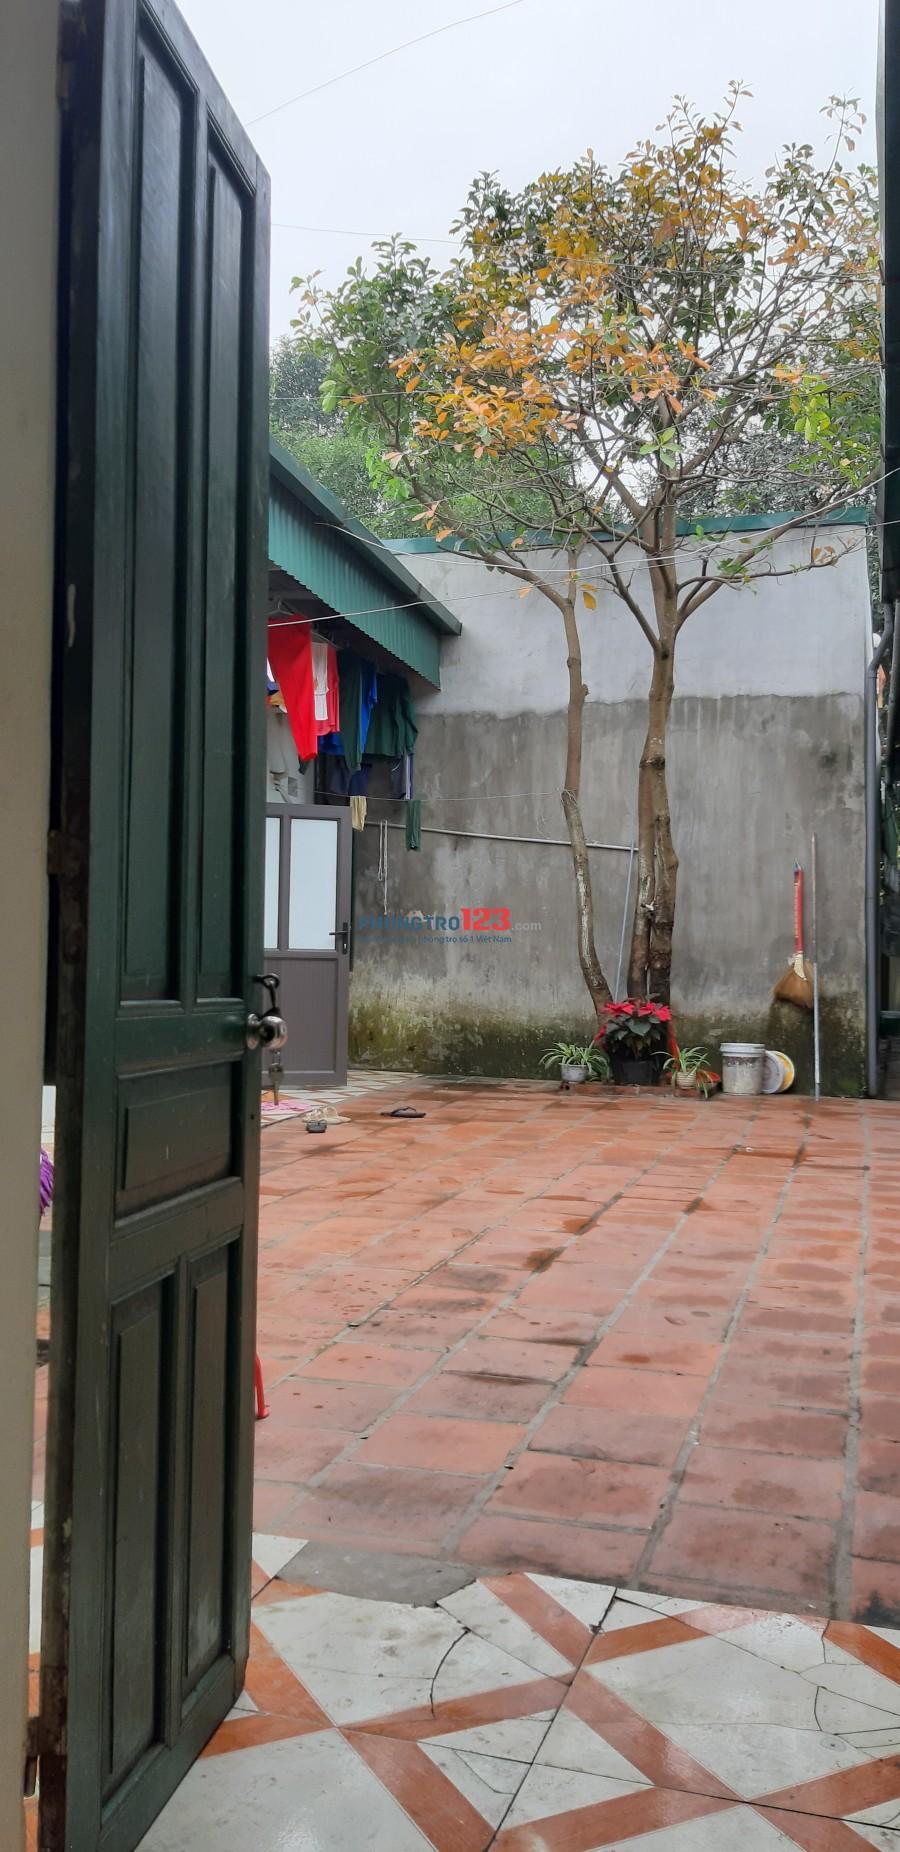 Cần cho thuê phòng trọ với dt: 35m2 gần cầu Hoăng Long, cạnh mặt đường